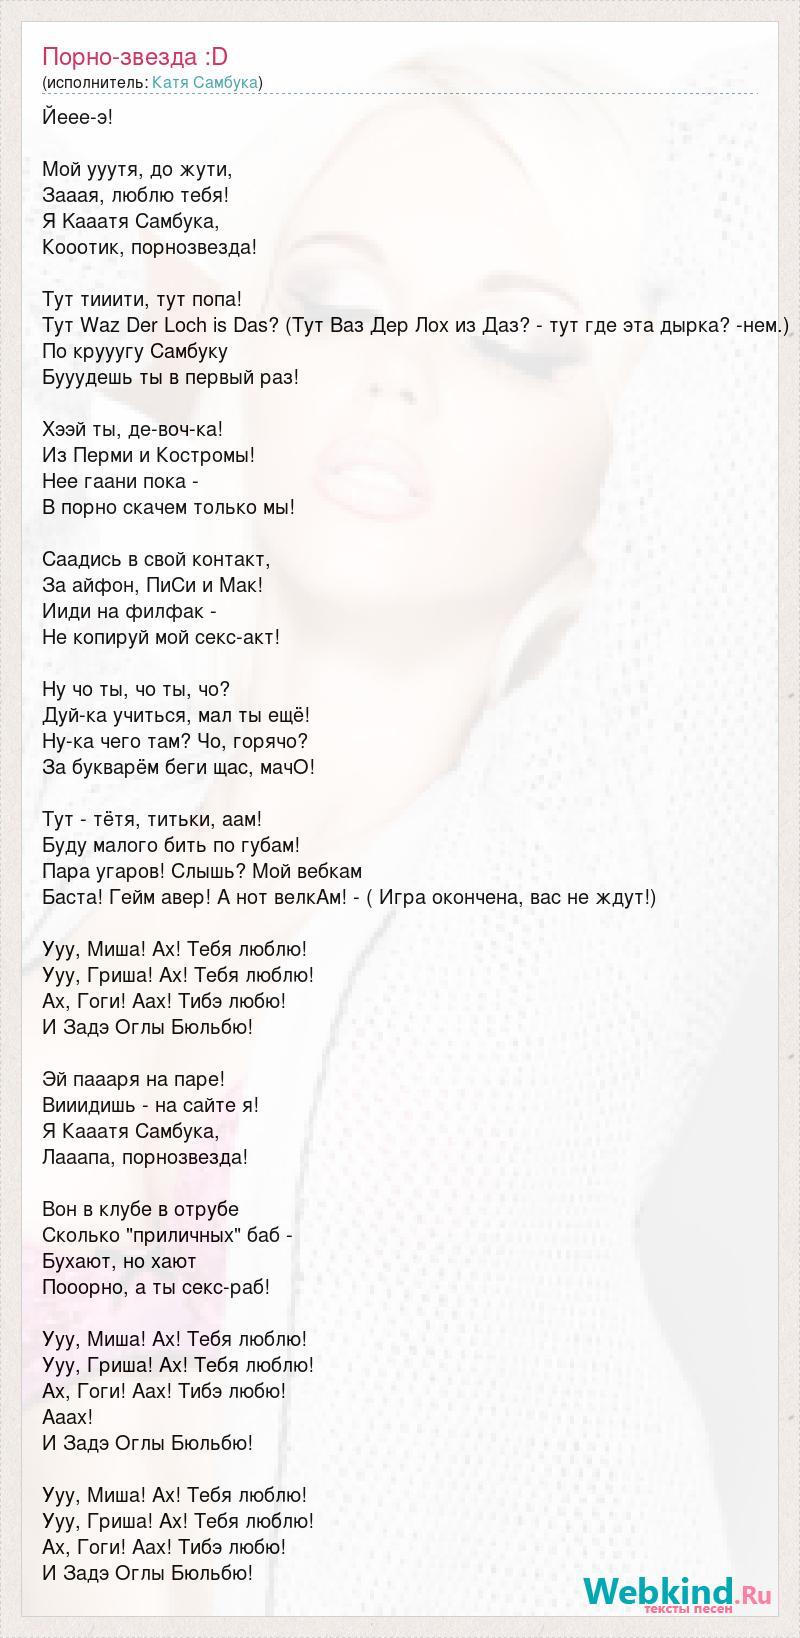 Катя самбука секс звезда tekst pesni